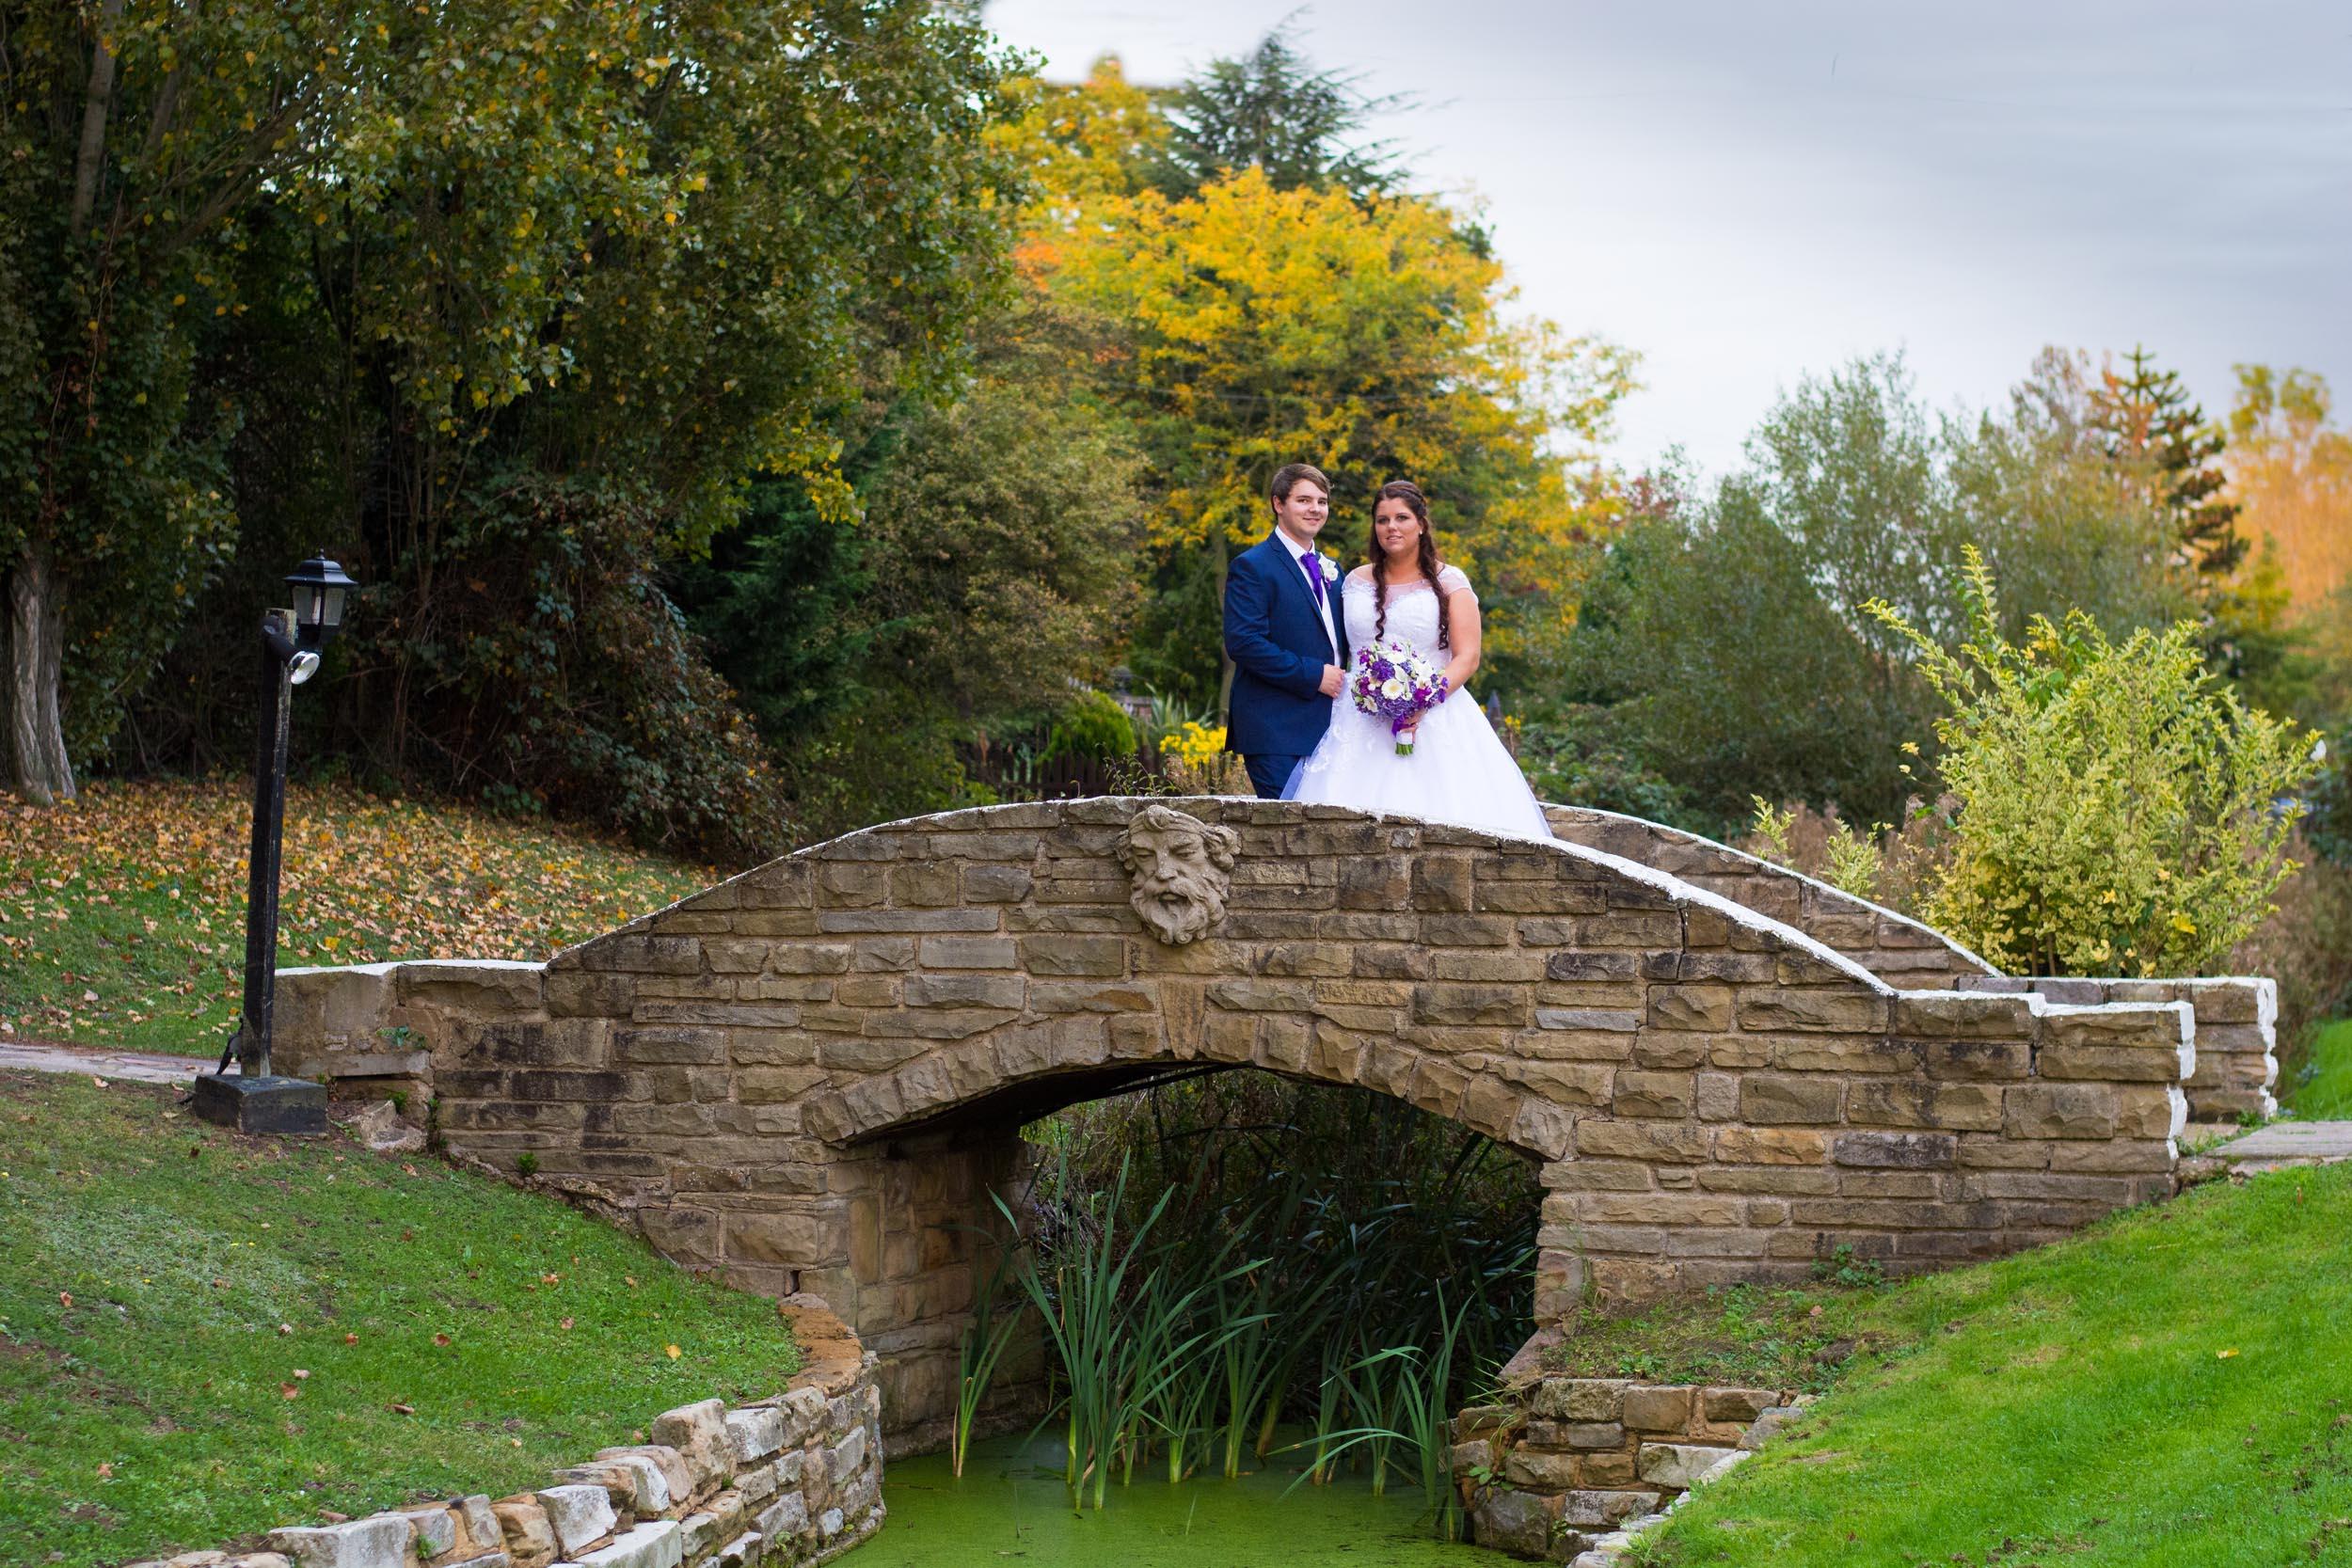 Ye Olde Plough House Bridge with wedding couple